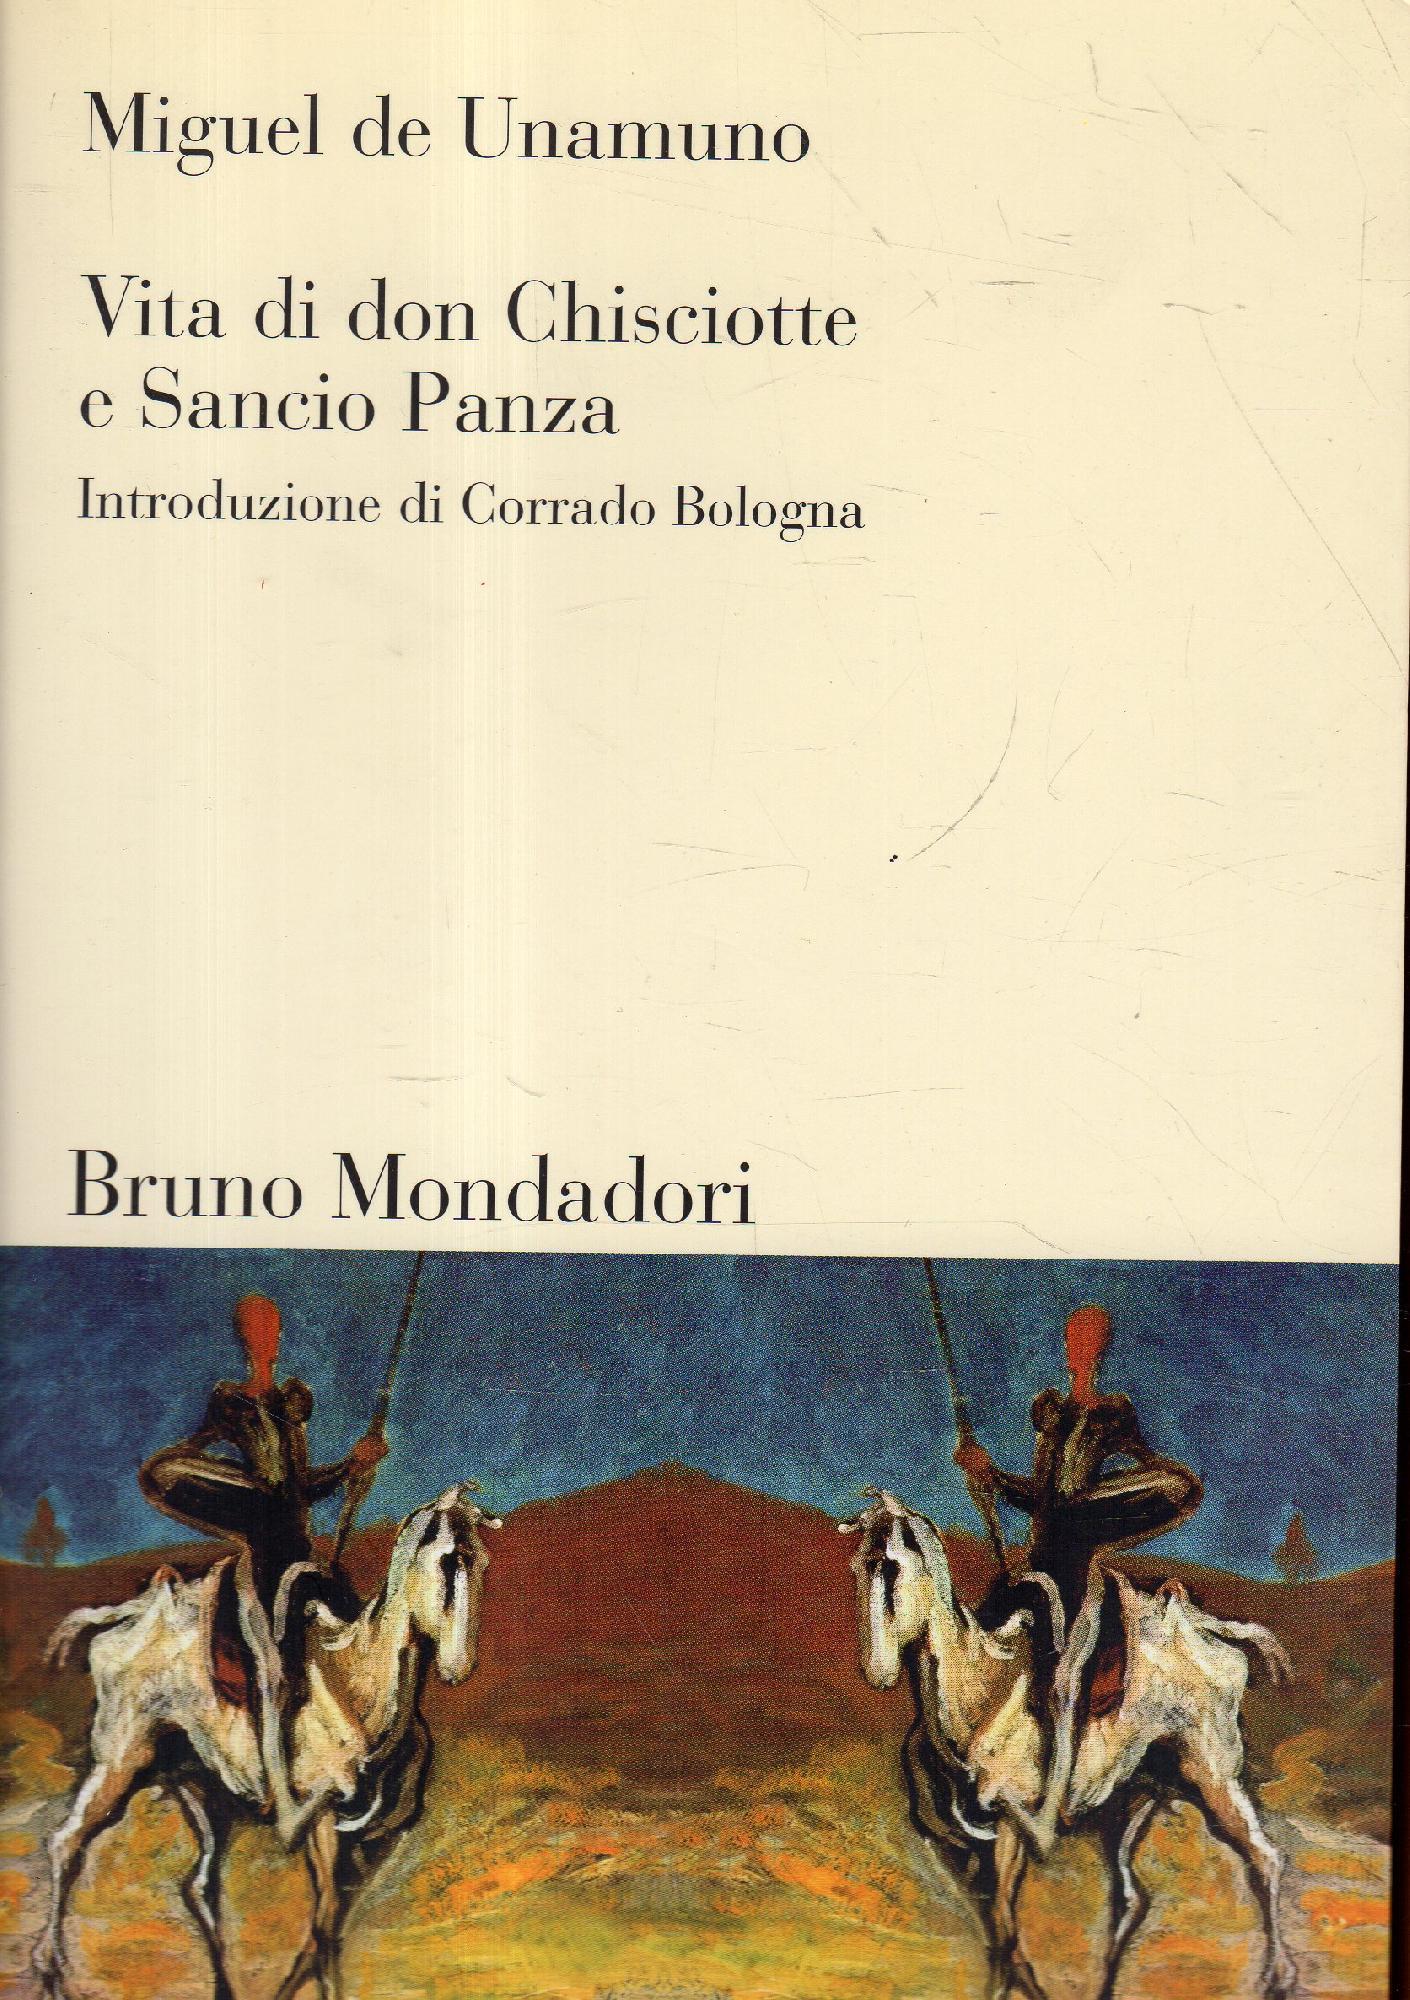 Vita di Don Chisciotte e Sancio Panza - Unamuno, Miguel : deGasparetti, AntonioBologna, Corrado